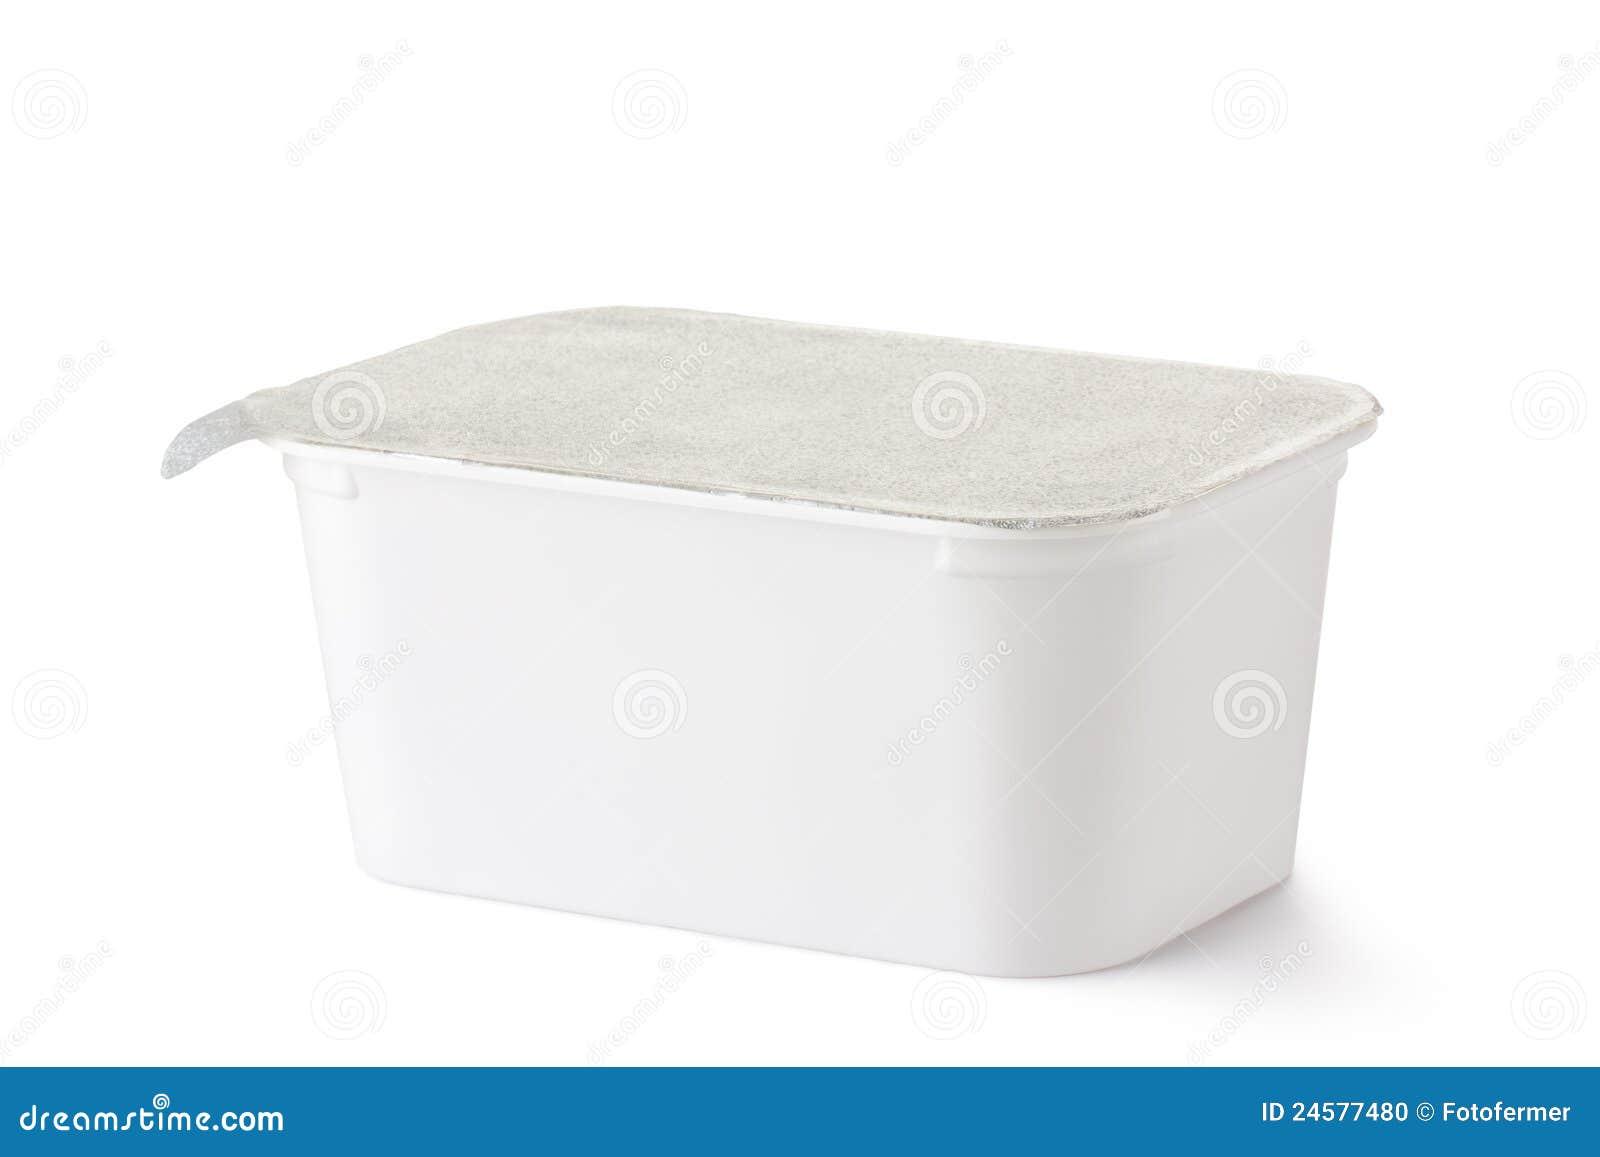 conteneur rectangulaire en plastique avec le couvercle de. Black Bedroom Furniture Sets. Home Design Ideas